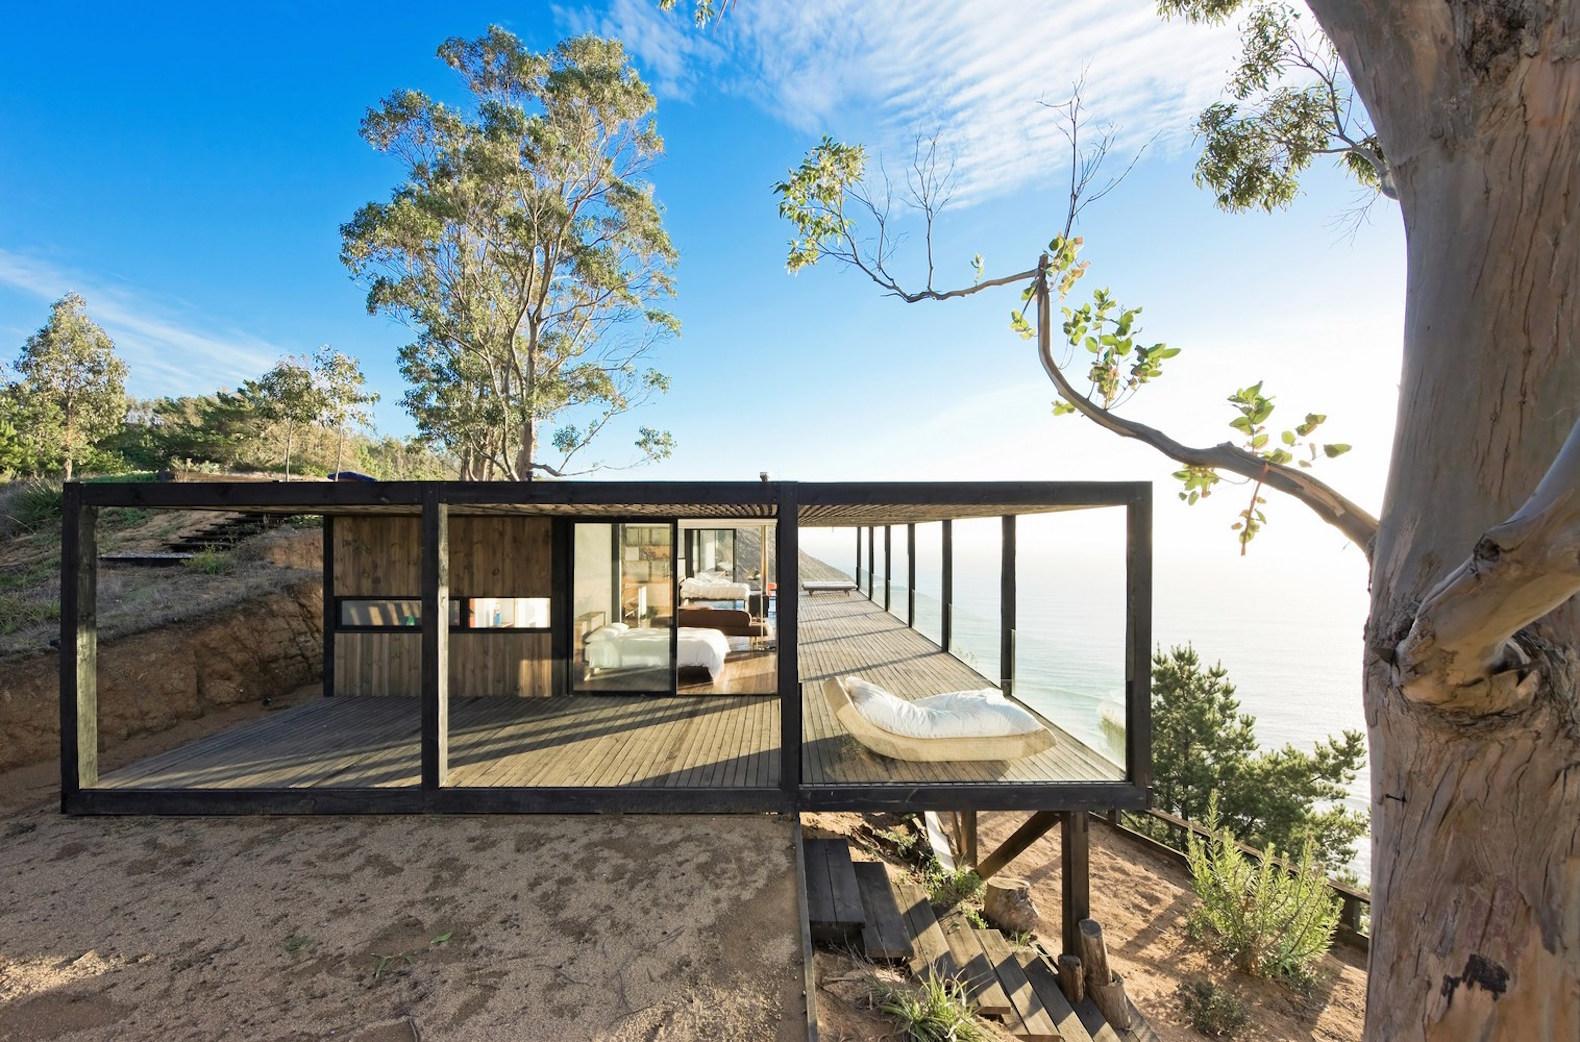 till-house-by-wmr-arquitectos-7